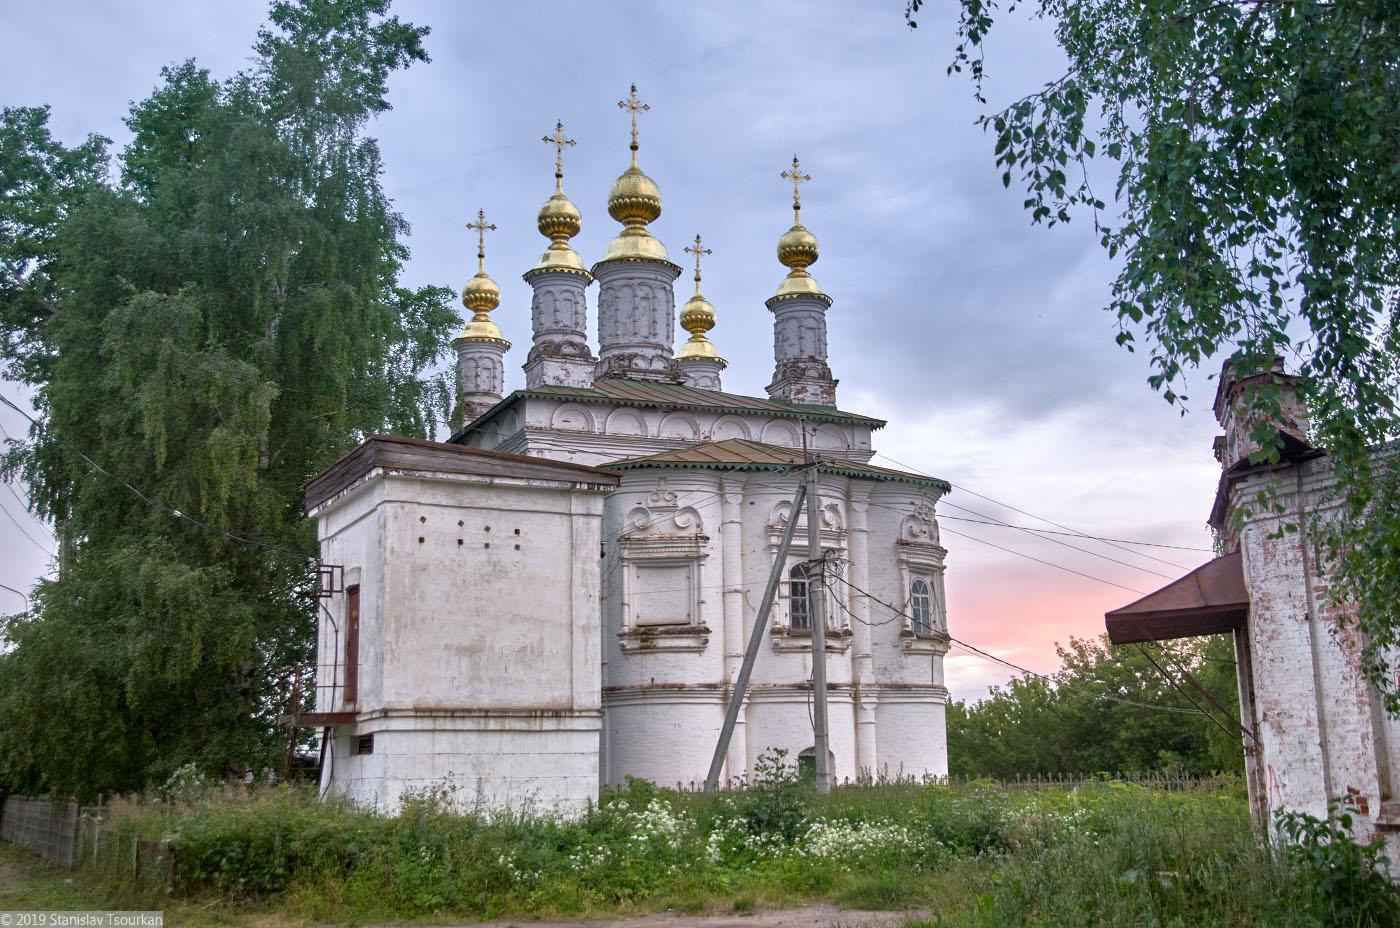 Вологодская область, Вологодчина, Великий устюг, Русский север, церковь Жён Мироносиц